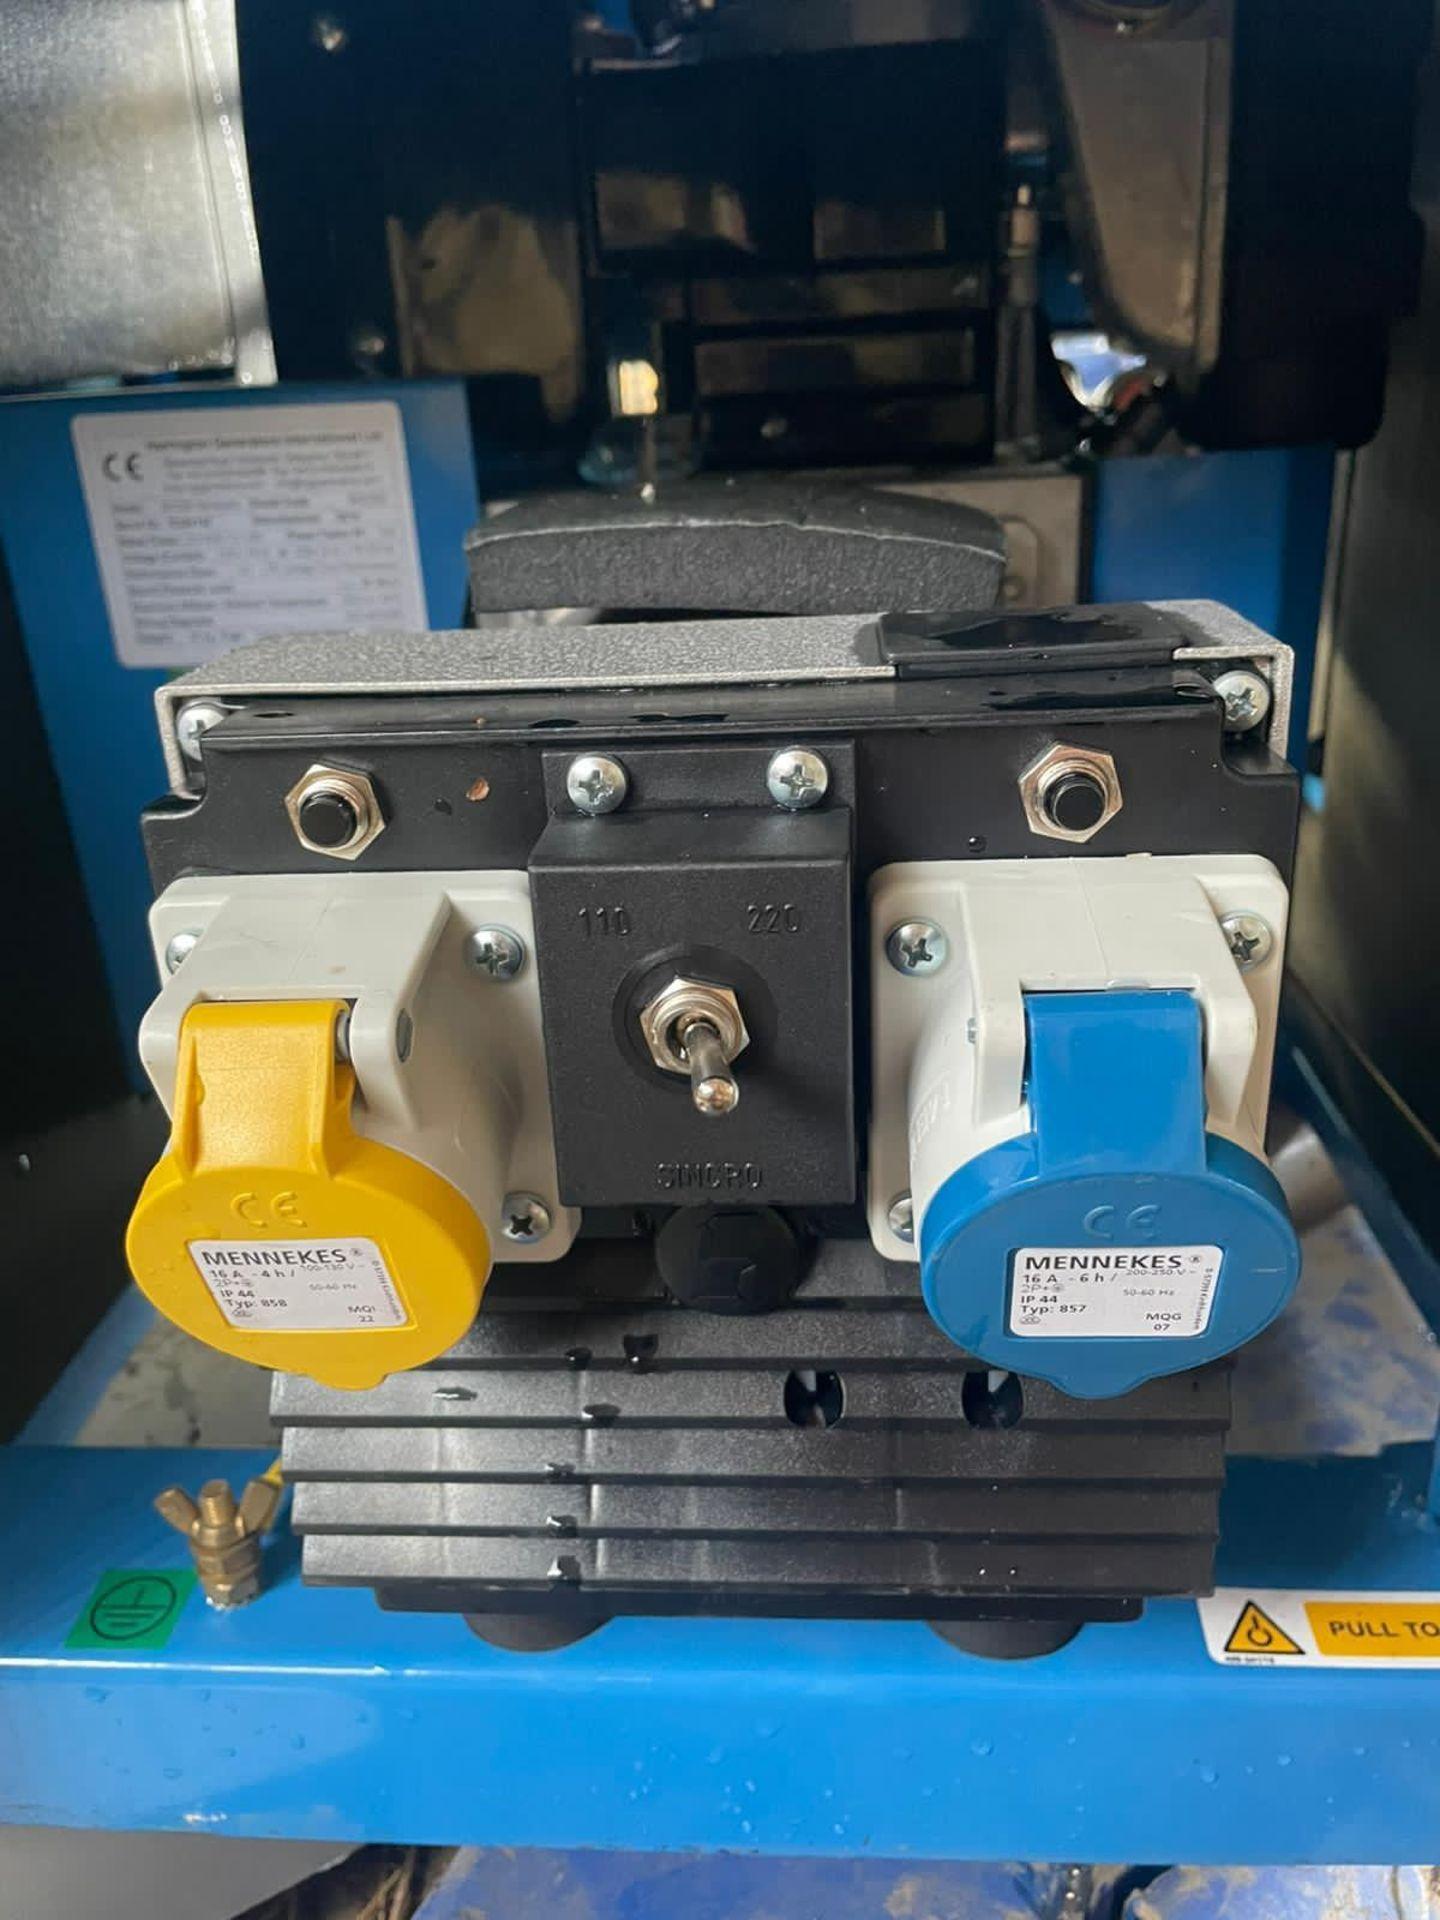 NEW AND UNUSED HARRINGTON 2.6KvA DIESEL GENERATOR, LOMBARDINI DIESEL ENGINE, 115V OR 230V *PLUS VAT* - Image 5 of 5